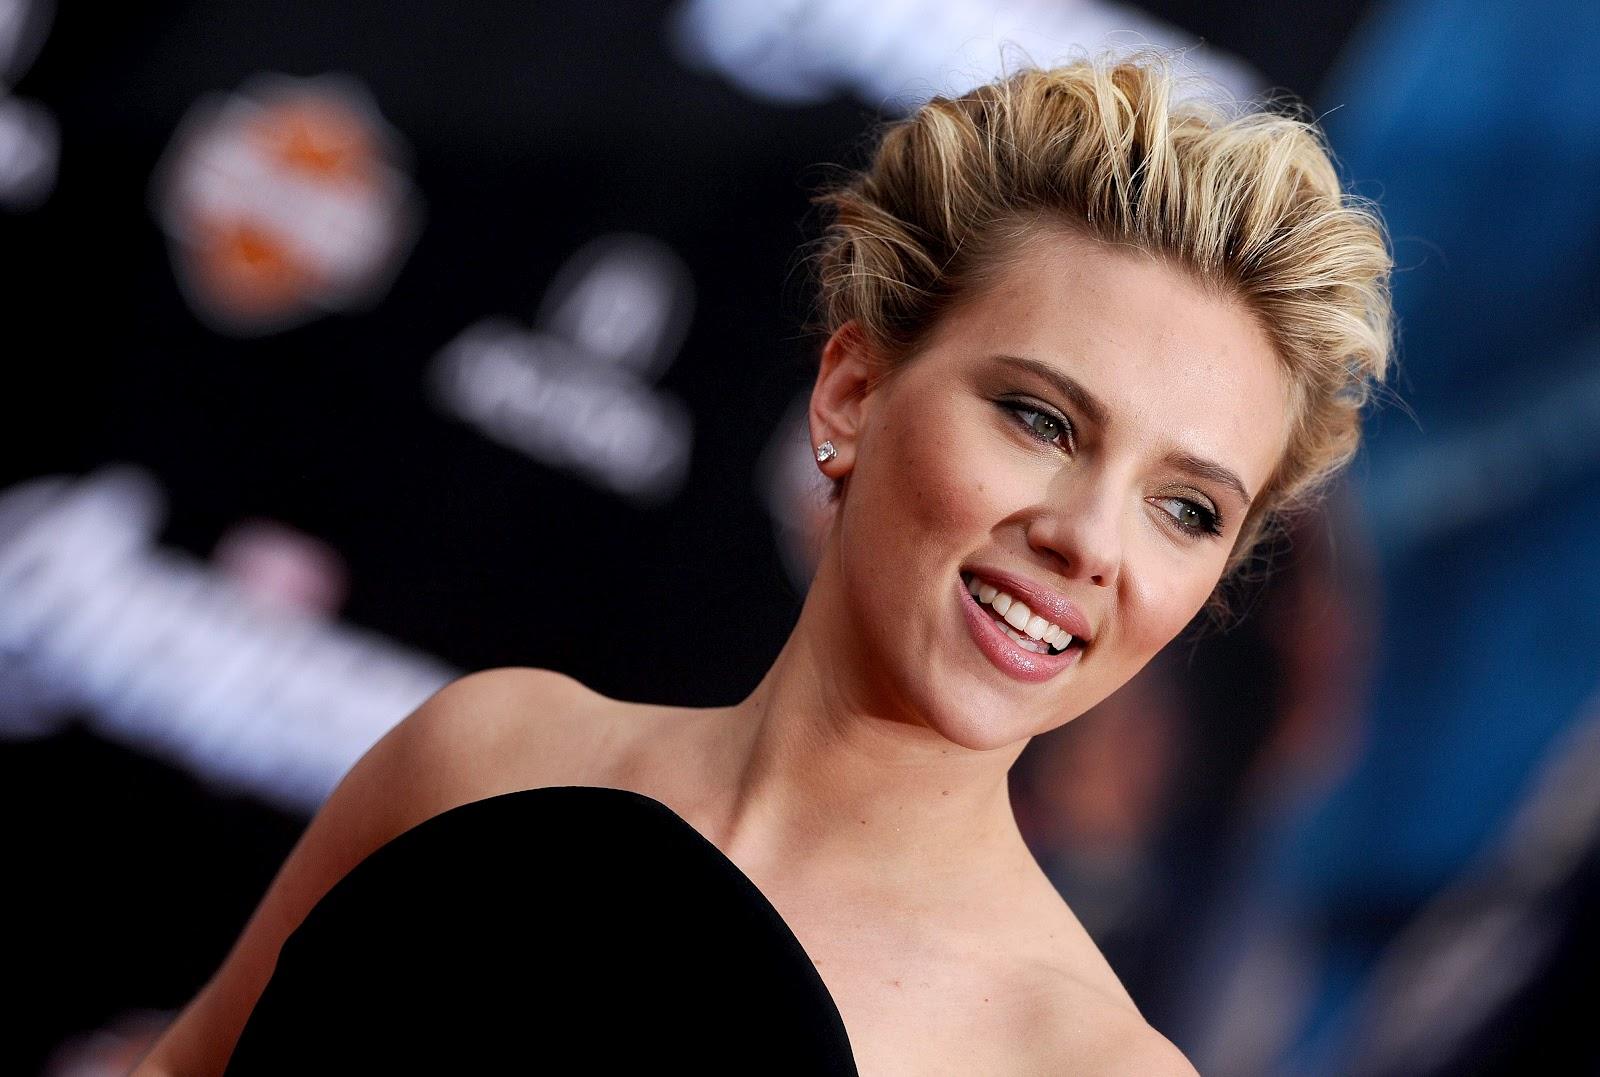 http://3.bp.blogspot.com/-pcAaldoxxeA/T-UTiNvhGwI/AAAAAAAAHME/h5wkdGe5OnU/s1600/Scarlett+Johansson-7.jpg